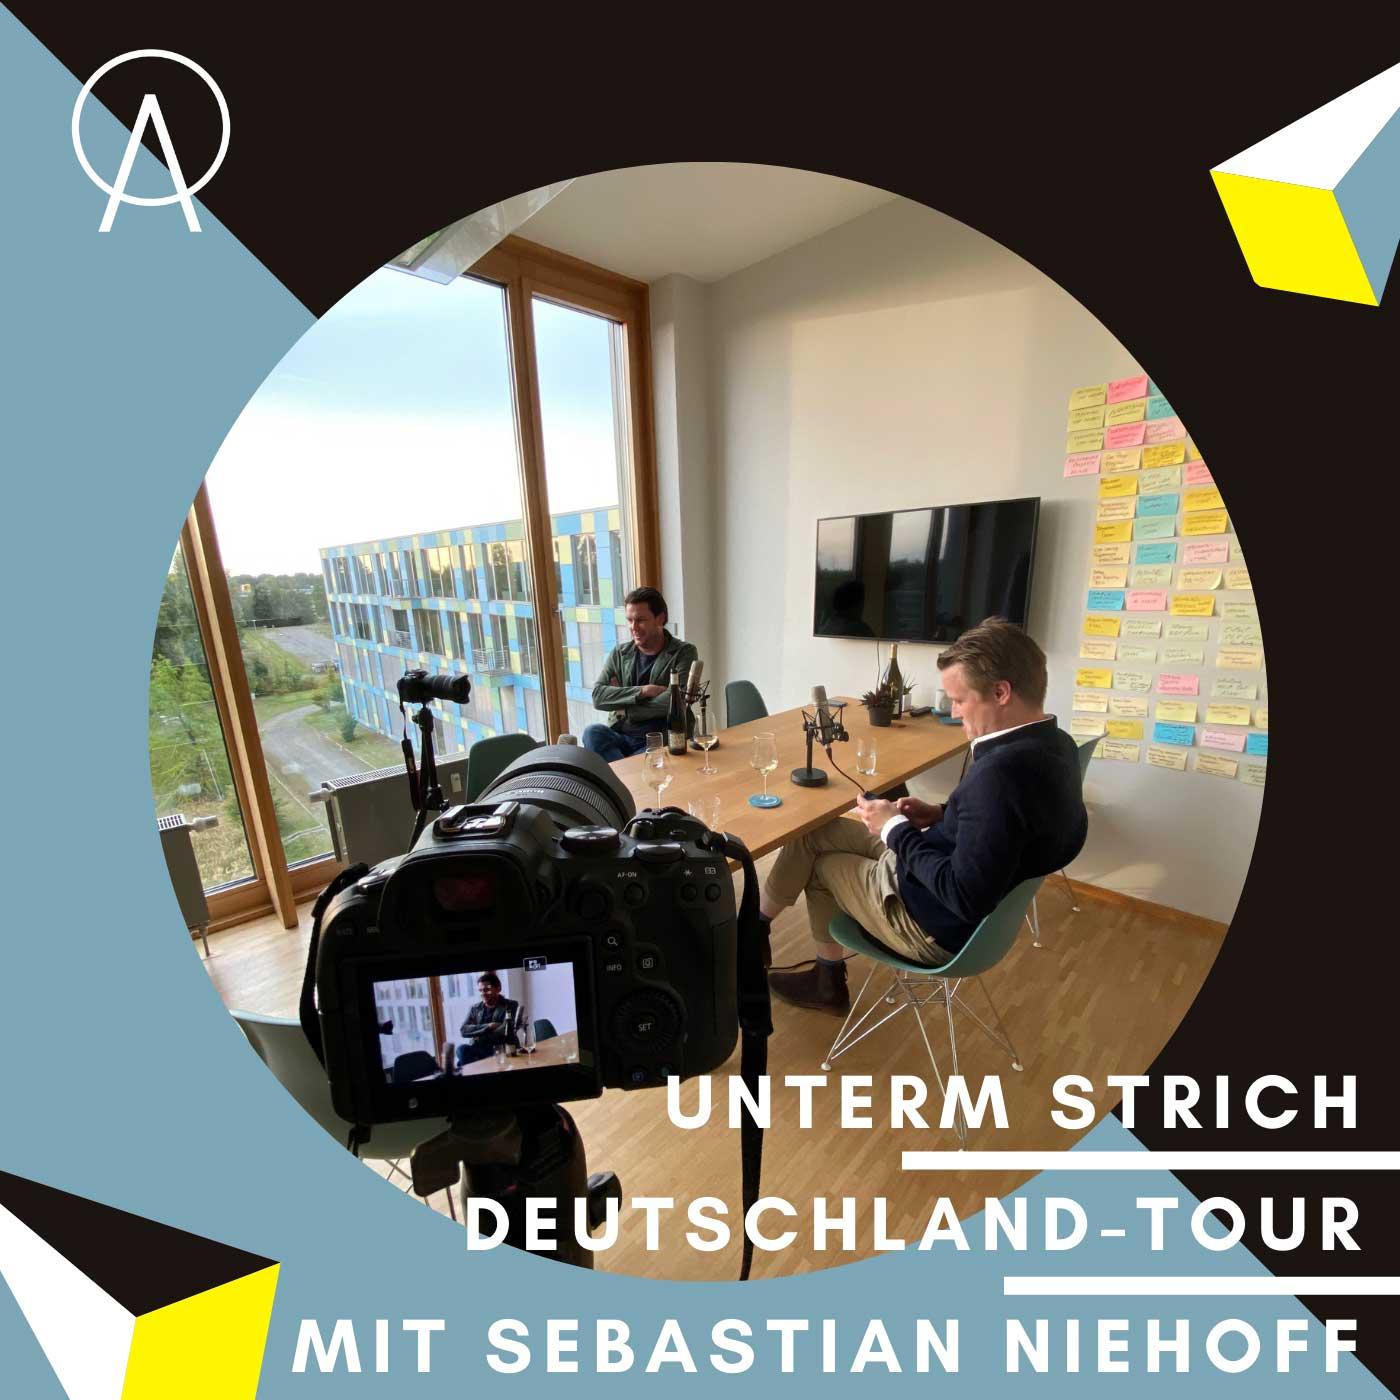 Unterm Strich Folge #063: Auftakt der Achtzig20-Deutschland-Tour – Wolfsburg mit Achtzig20-Geschäftsführer Sebastian Niehoff